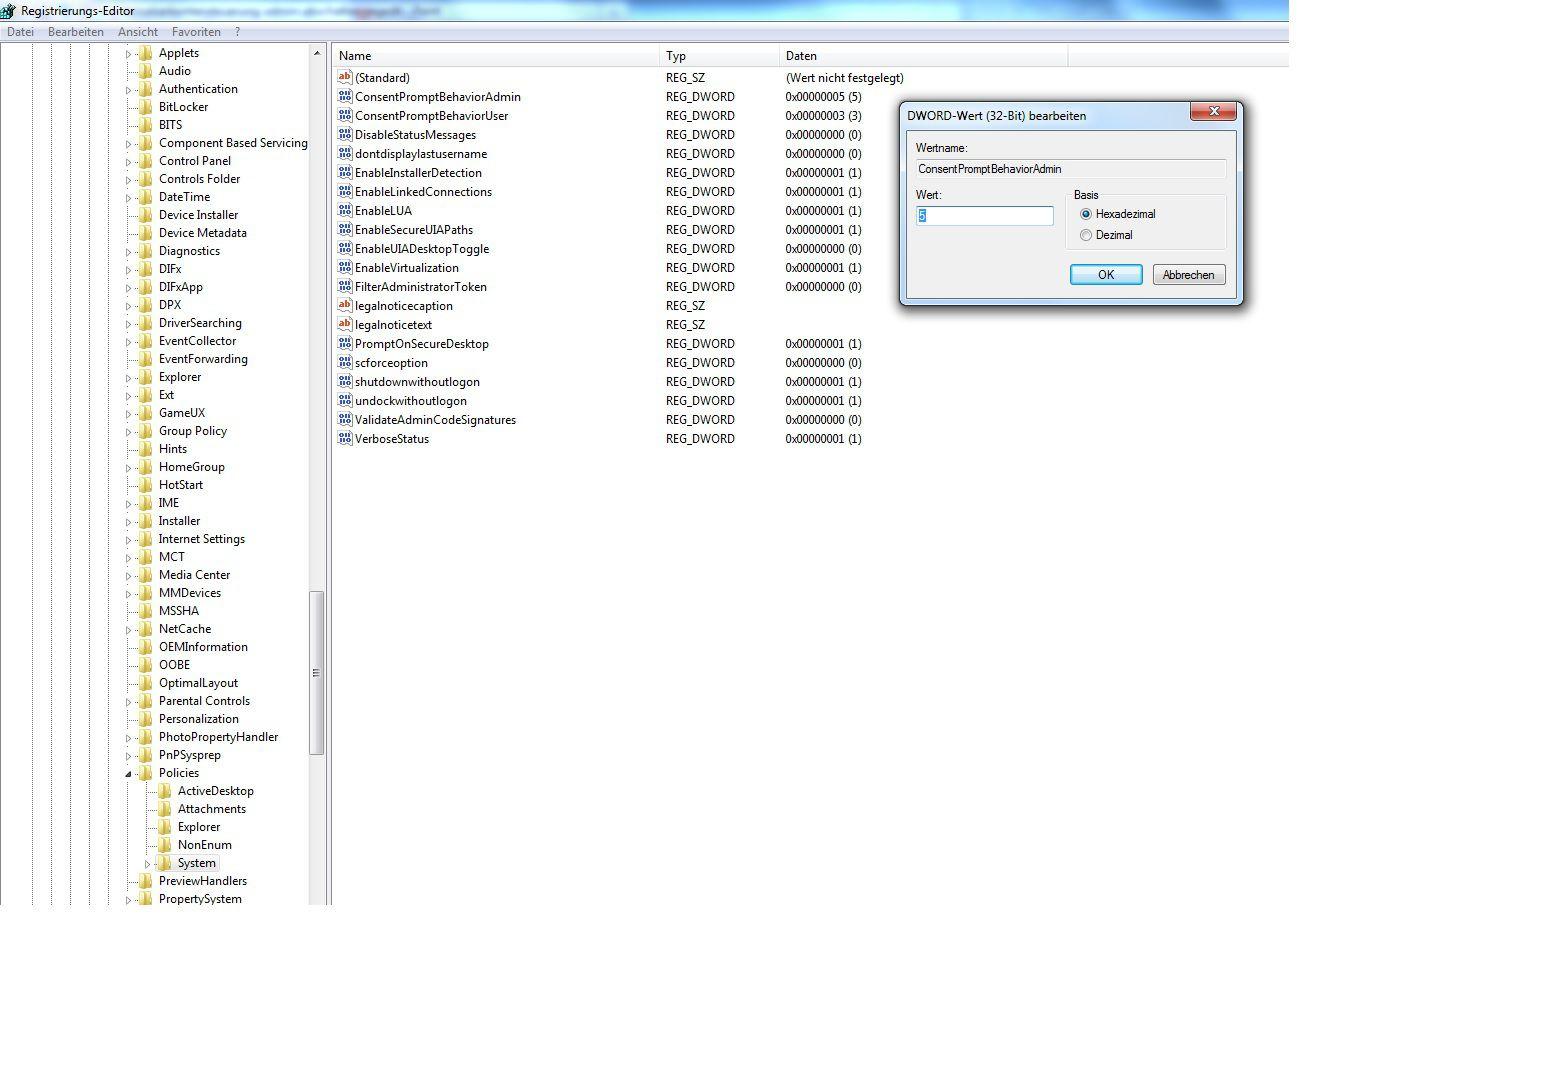 benutzerkontensteuerung-admin-abschalten-registry-470.jpg?nocache=1380615994439